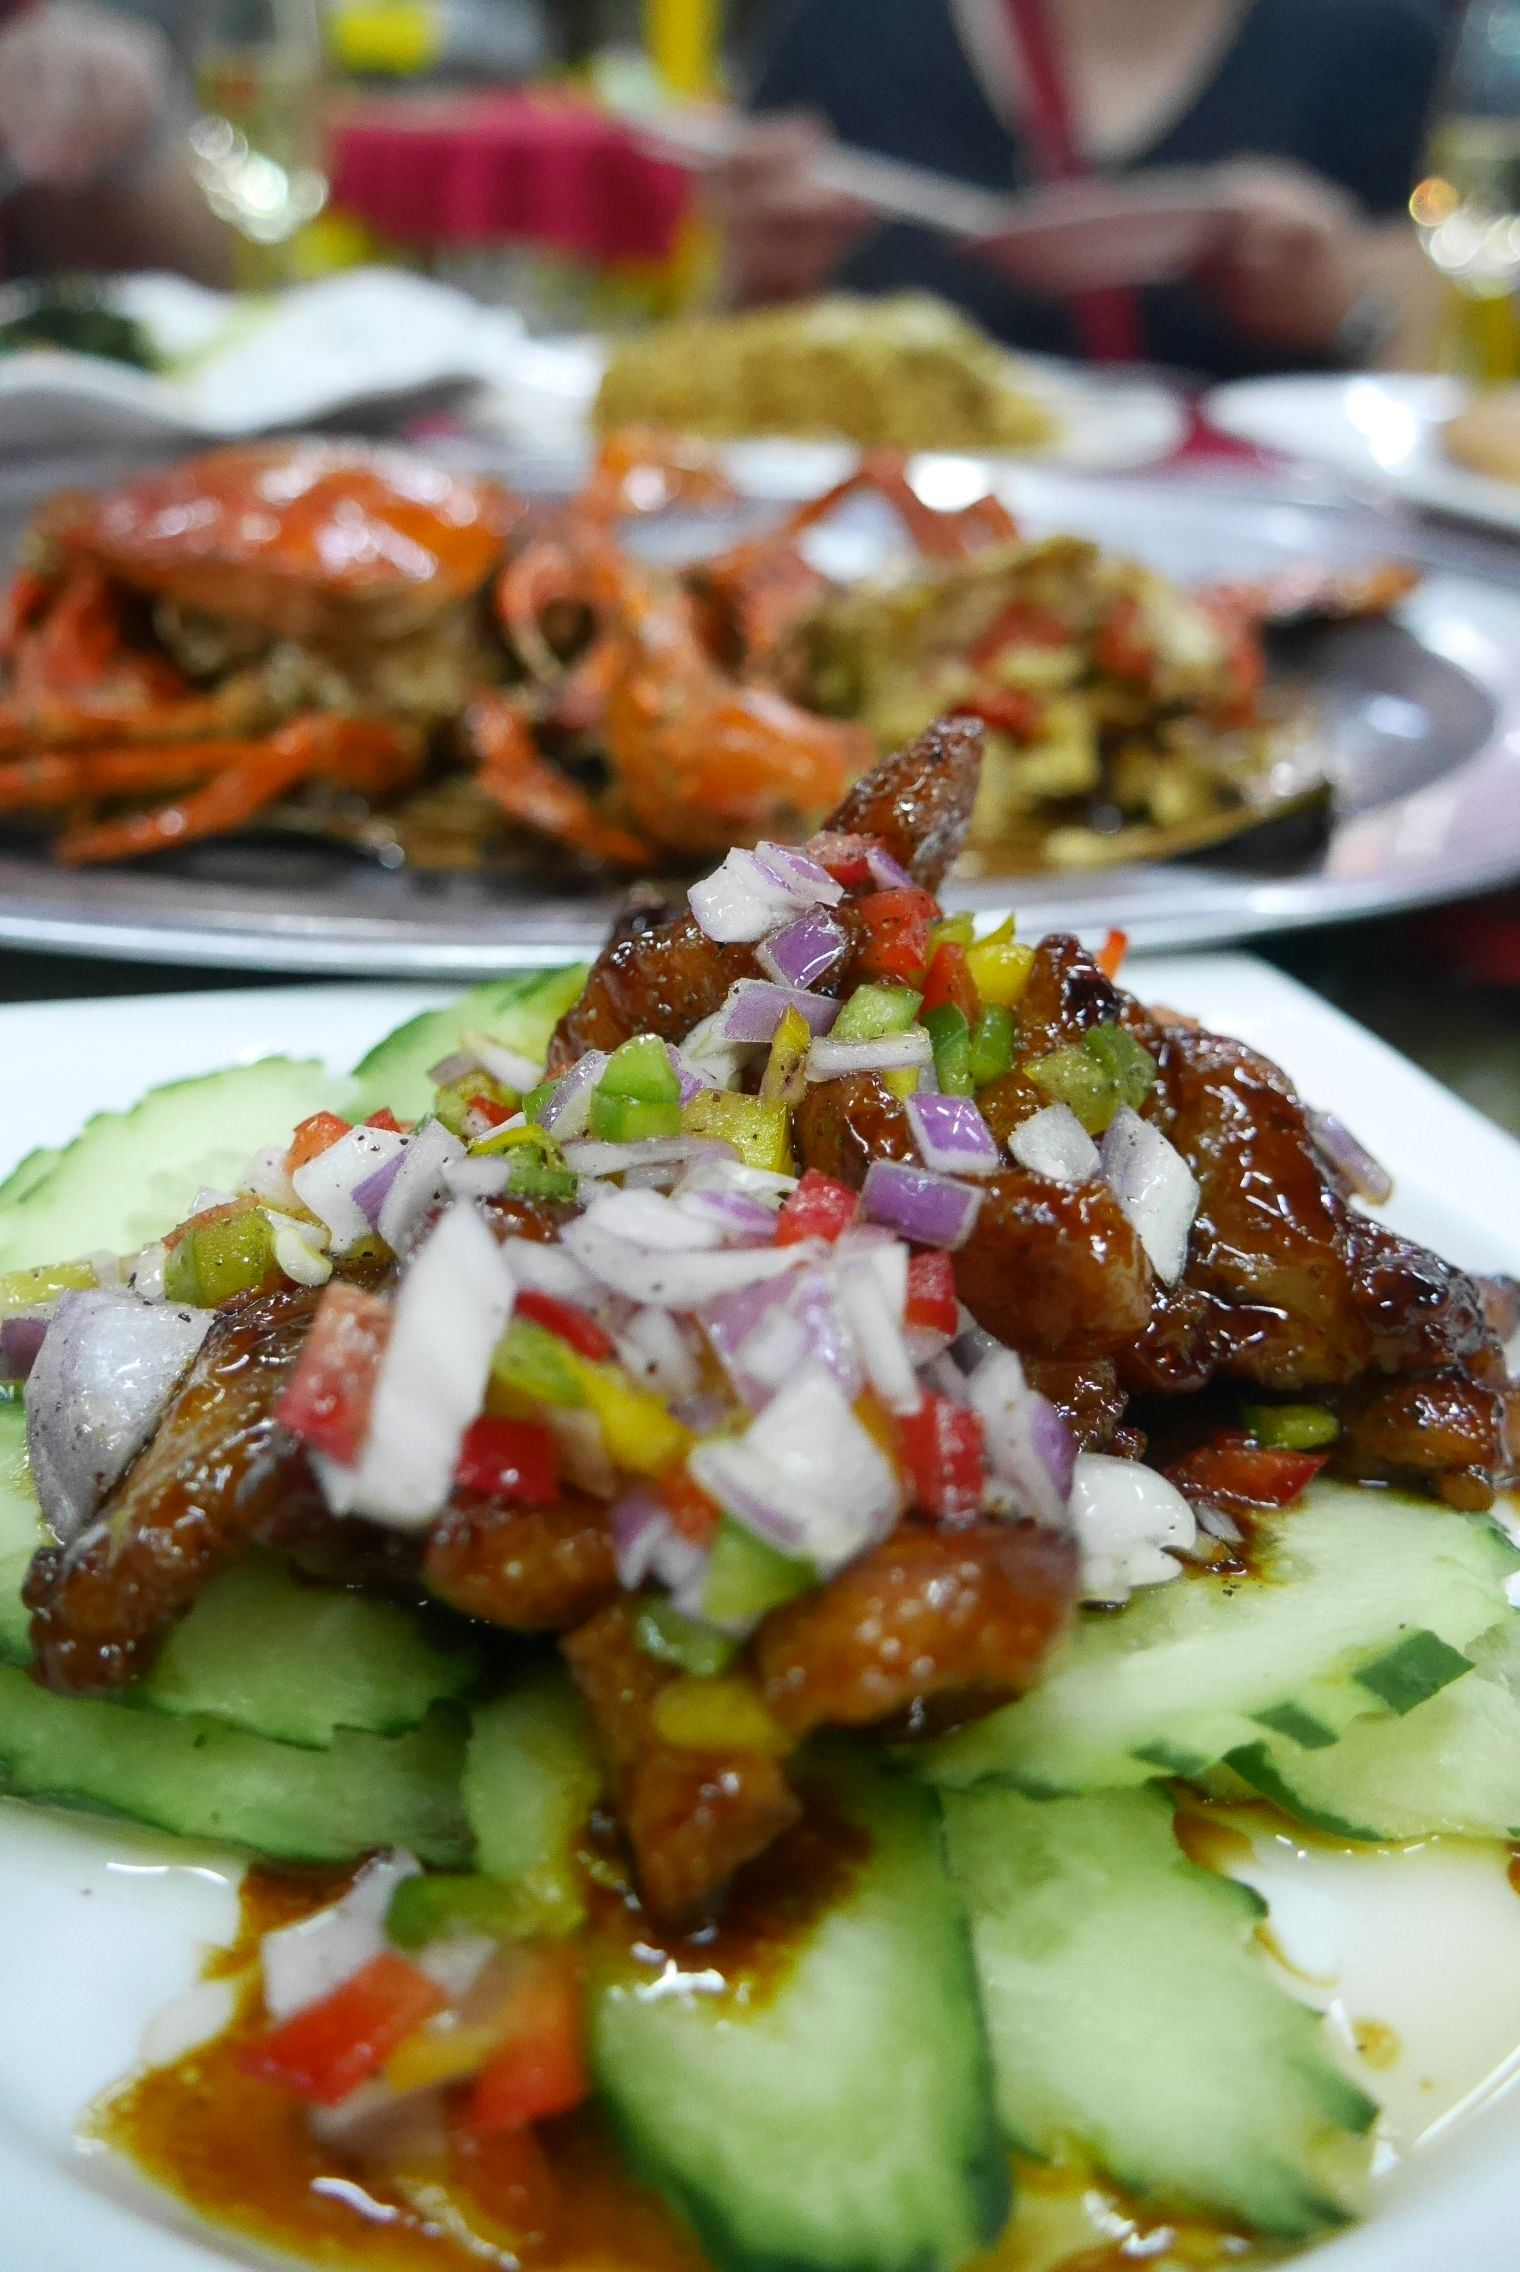 Pork two-ways - 2. Stir-fried pork strips with savoury sour plum sauce